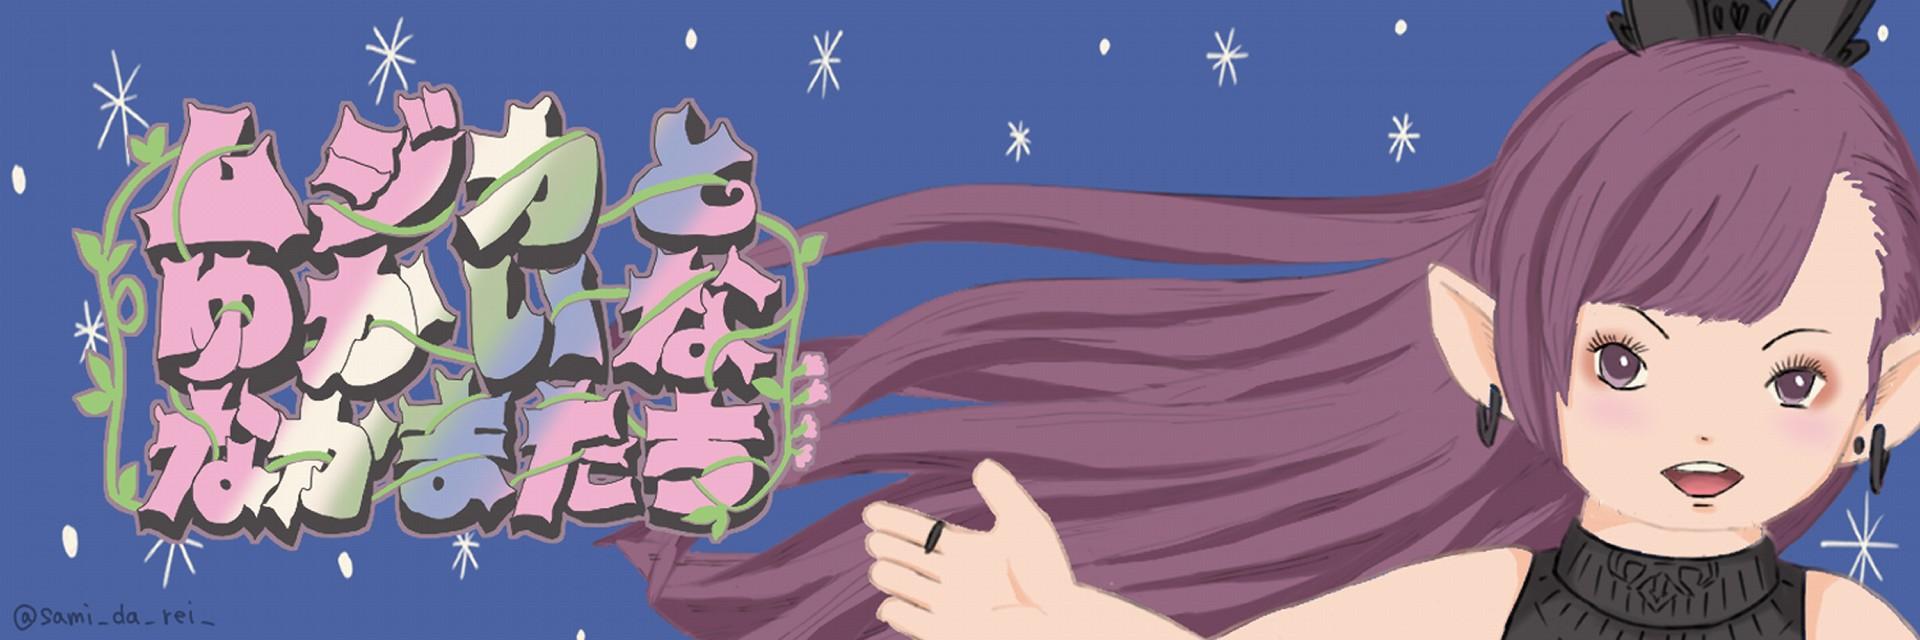 f:id:ryoushitsu-musica:20210614230525j:image